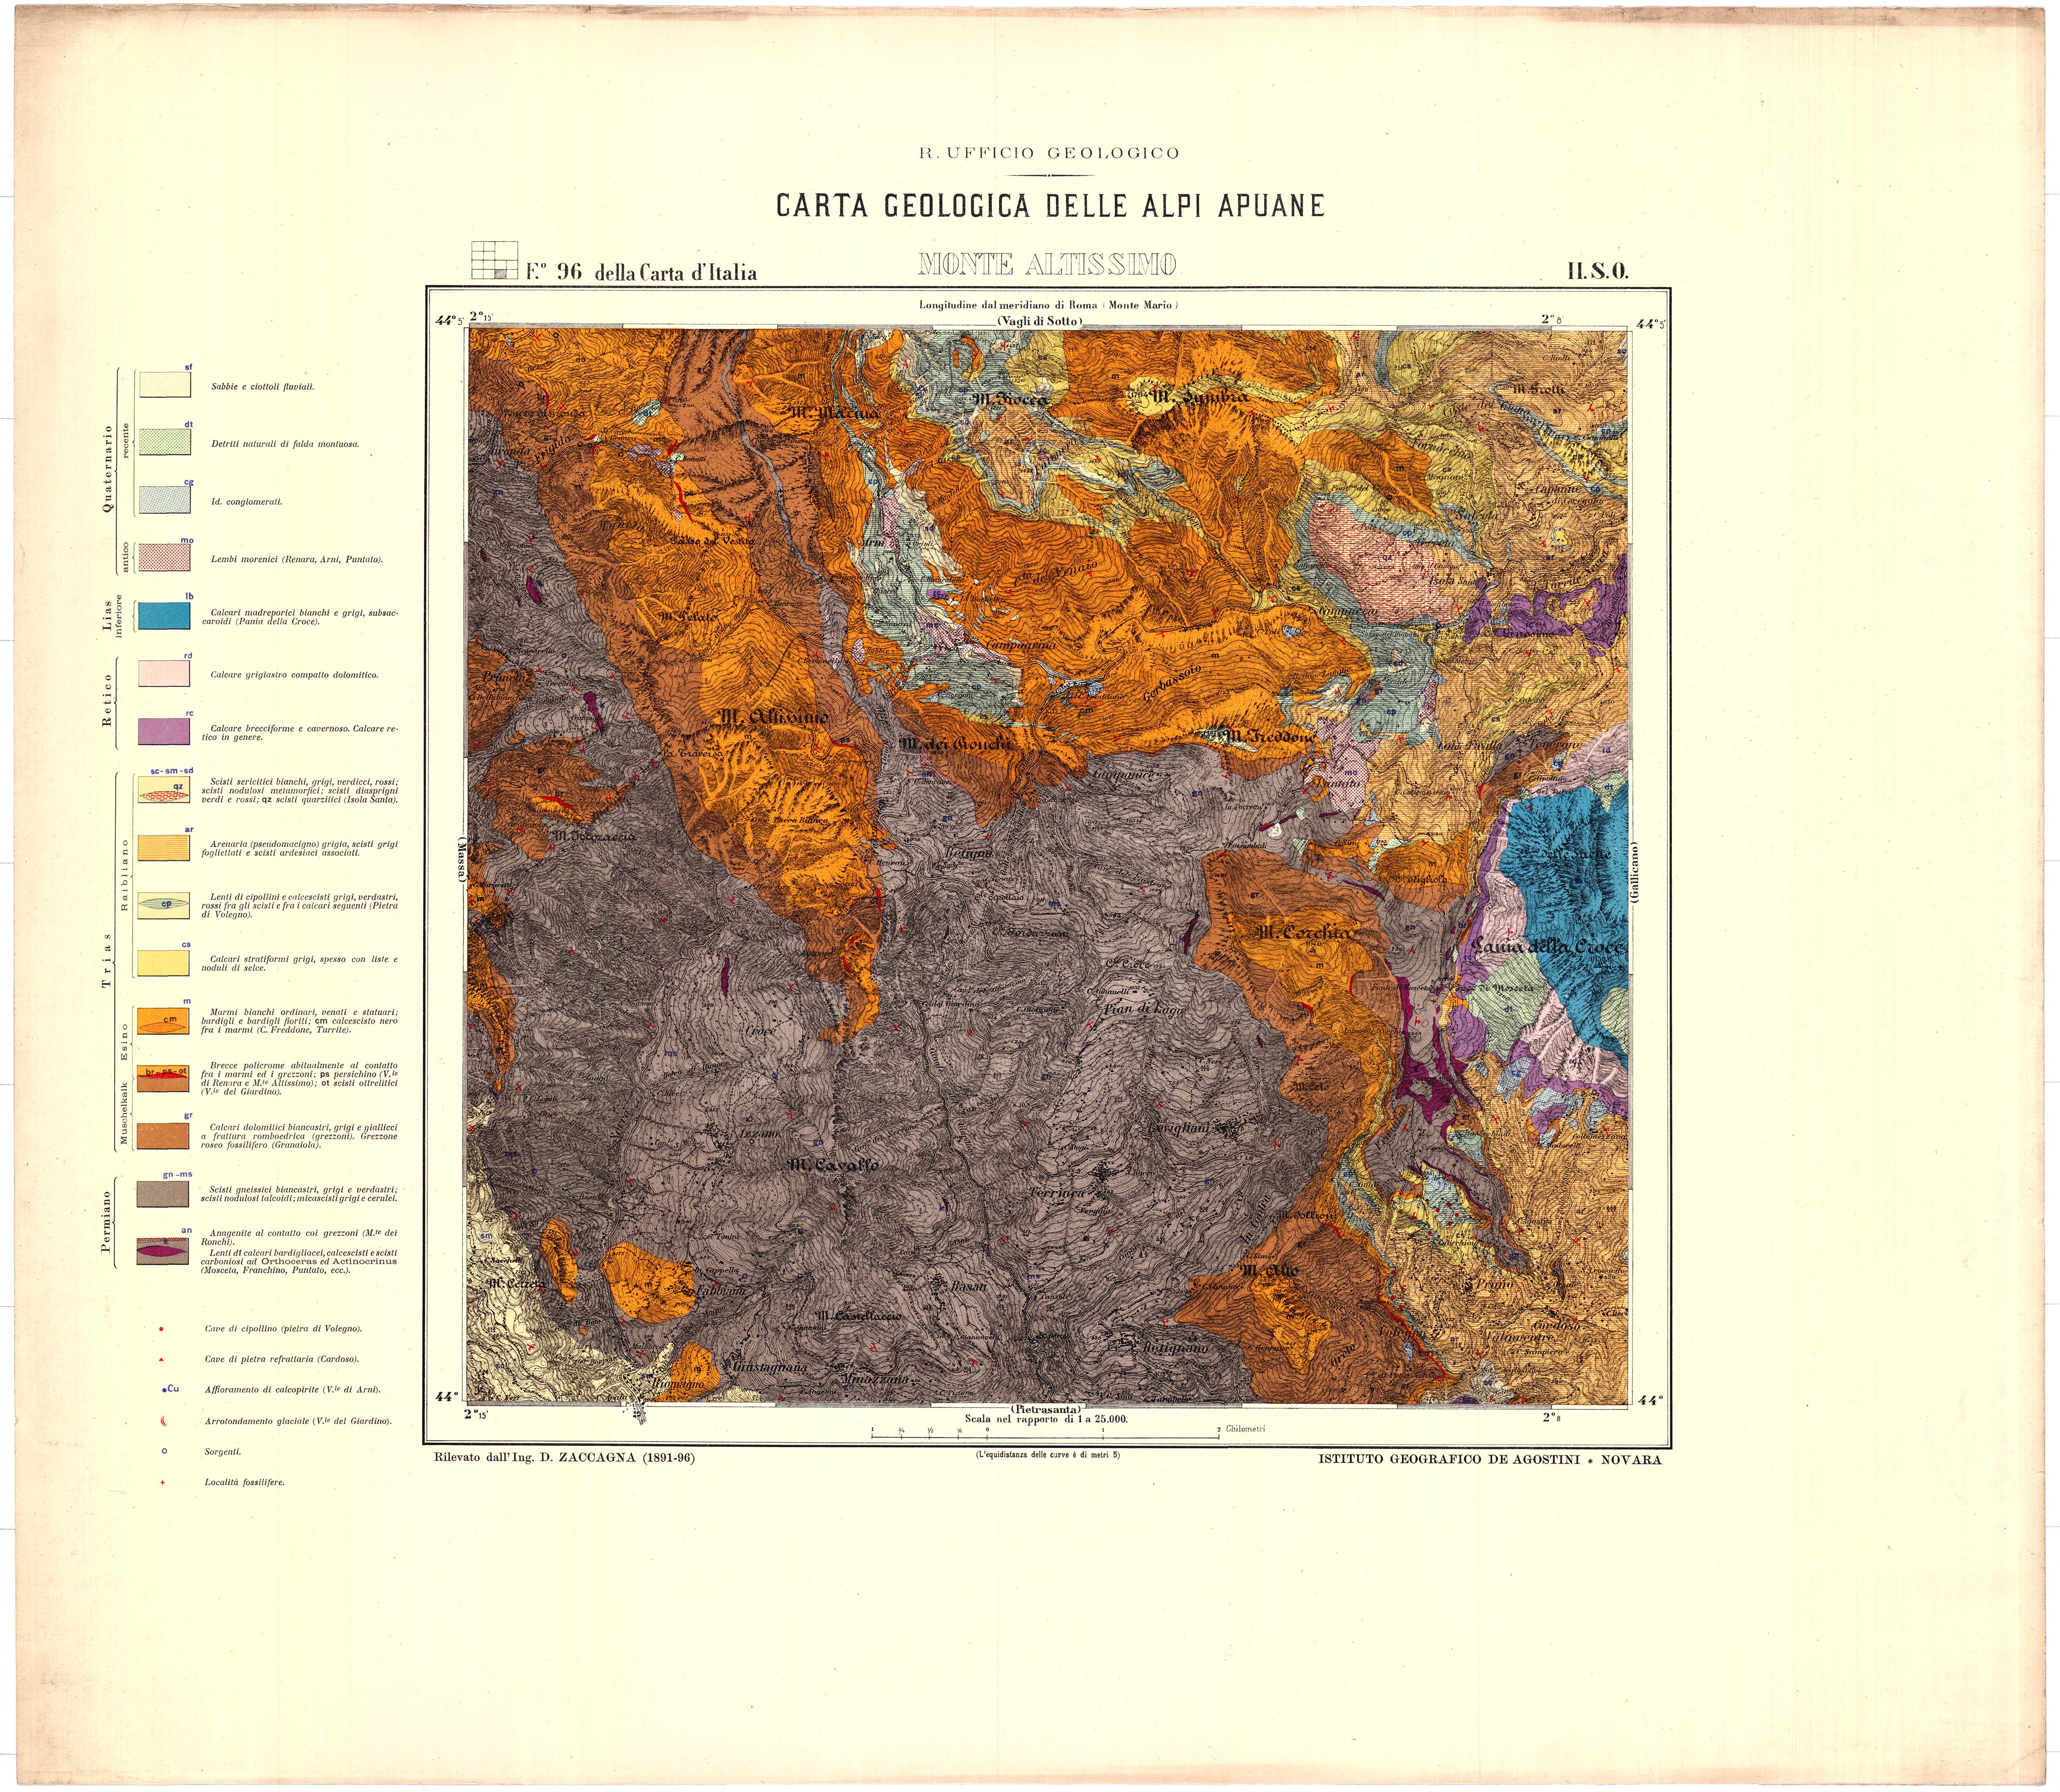 F.° 96 della Carta d'Italia II SO: *Monte Altissimo